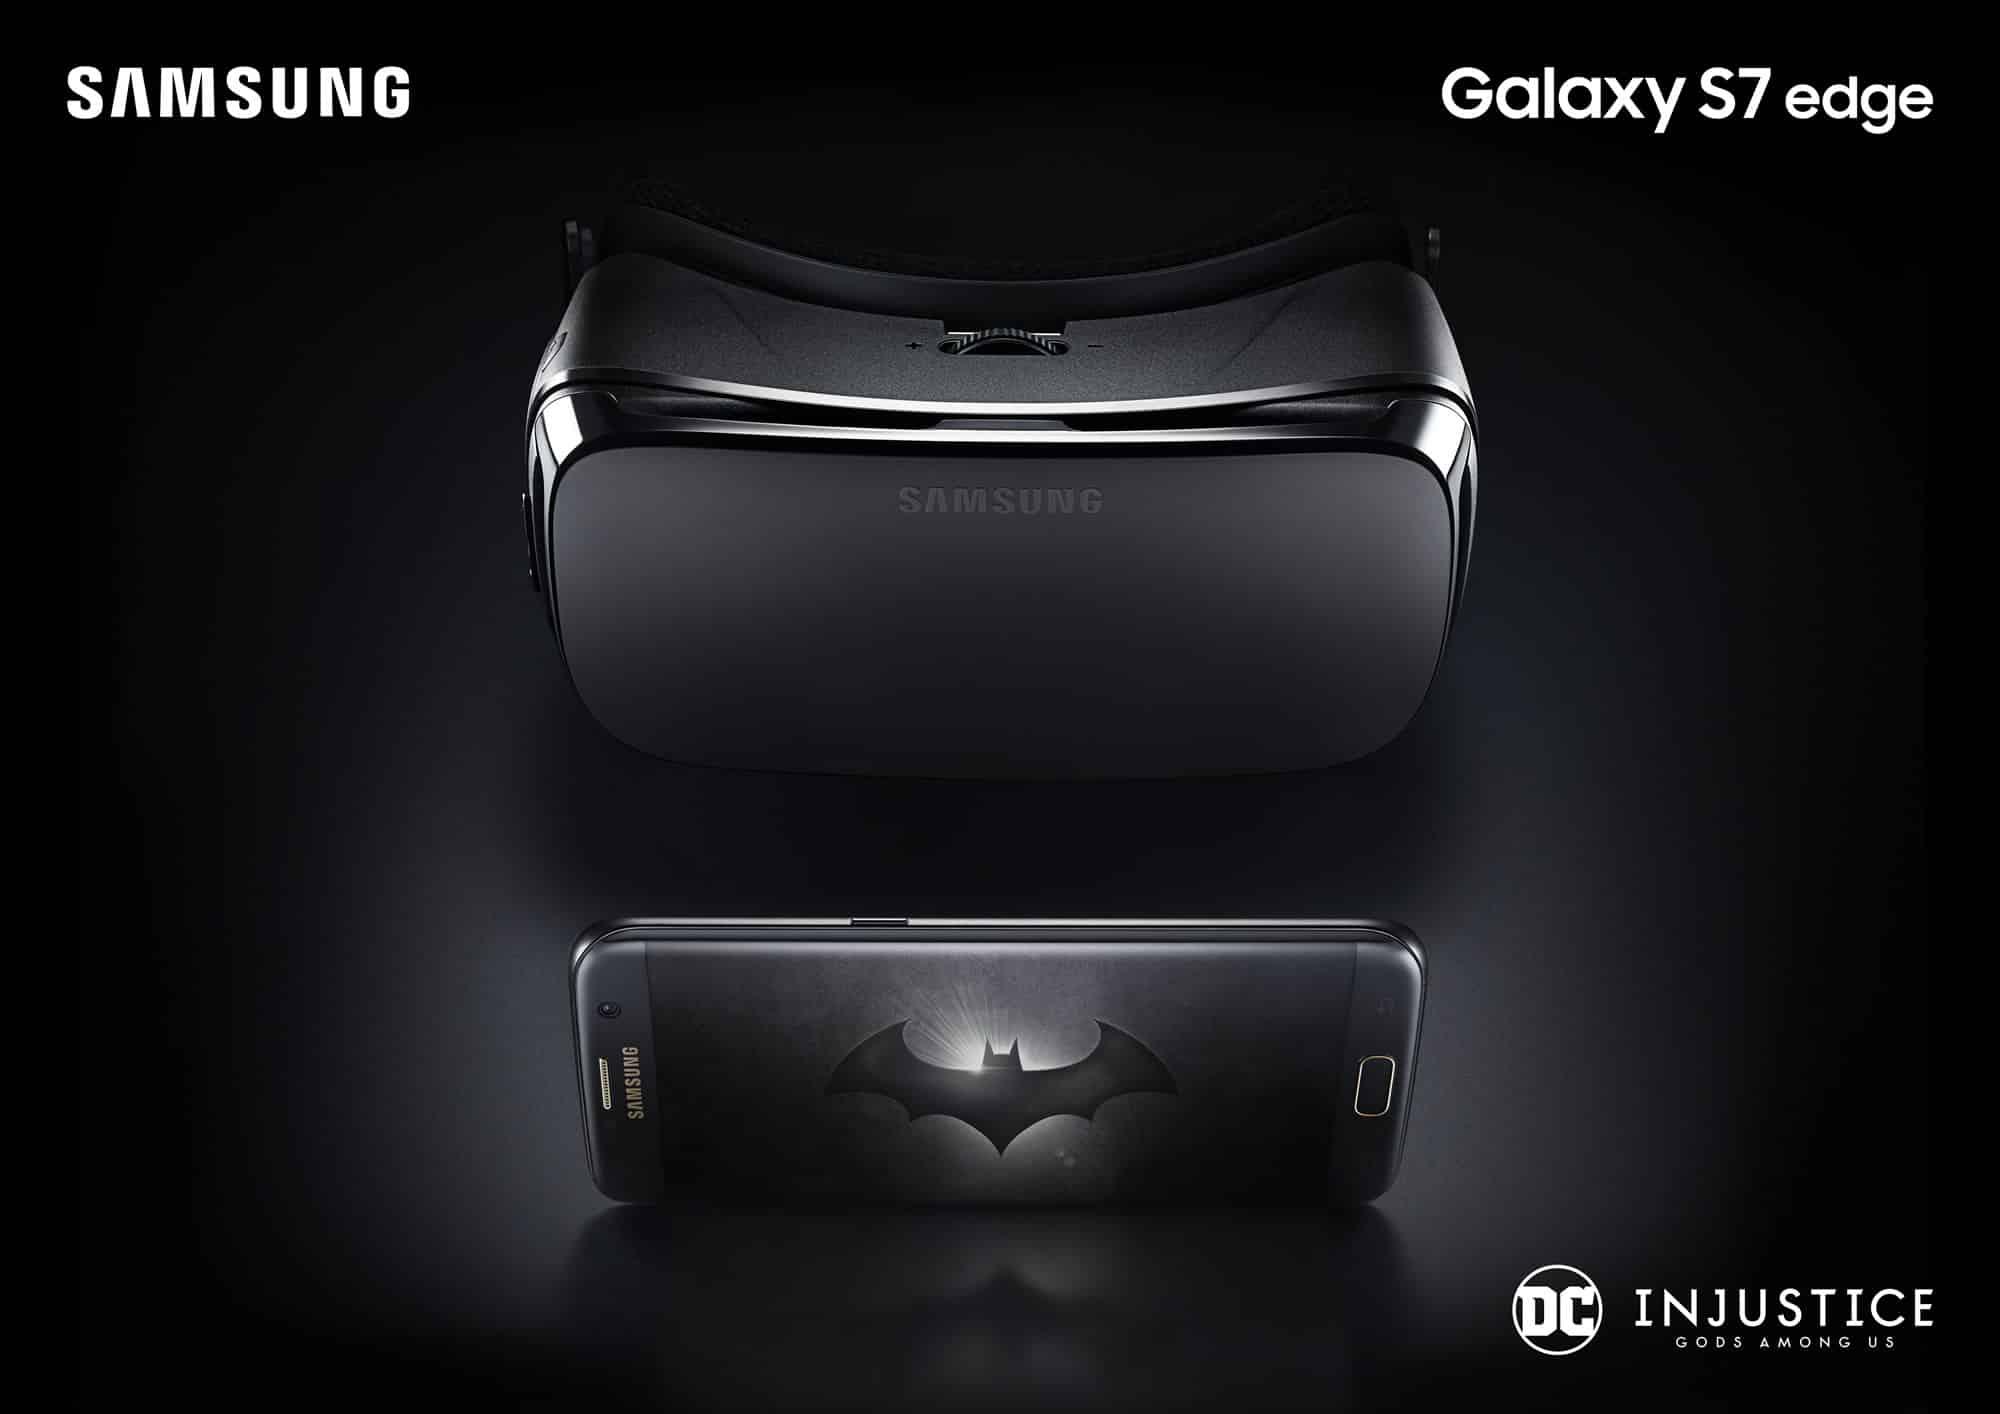 En algunos mercados esta versión del S7 edge incluirá un Gear VR.